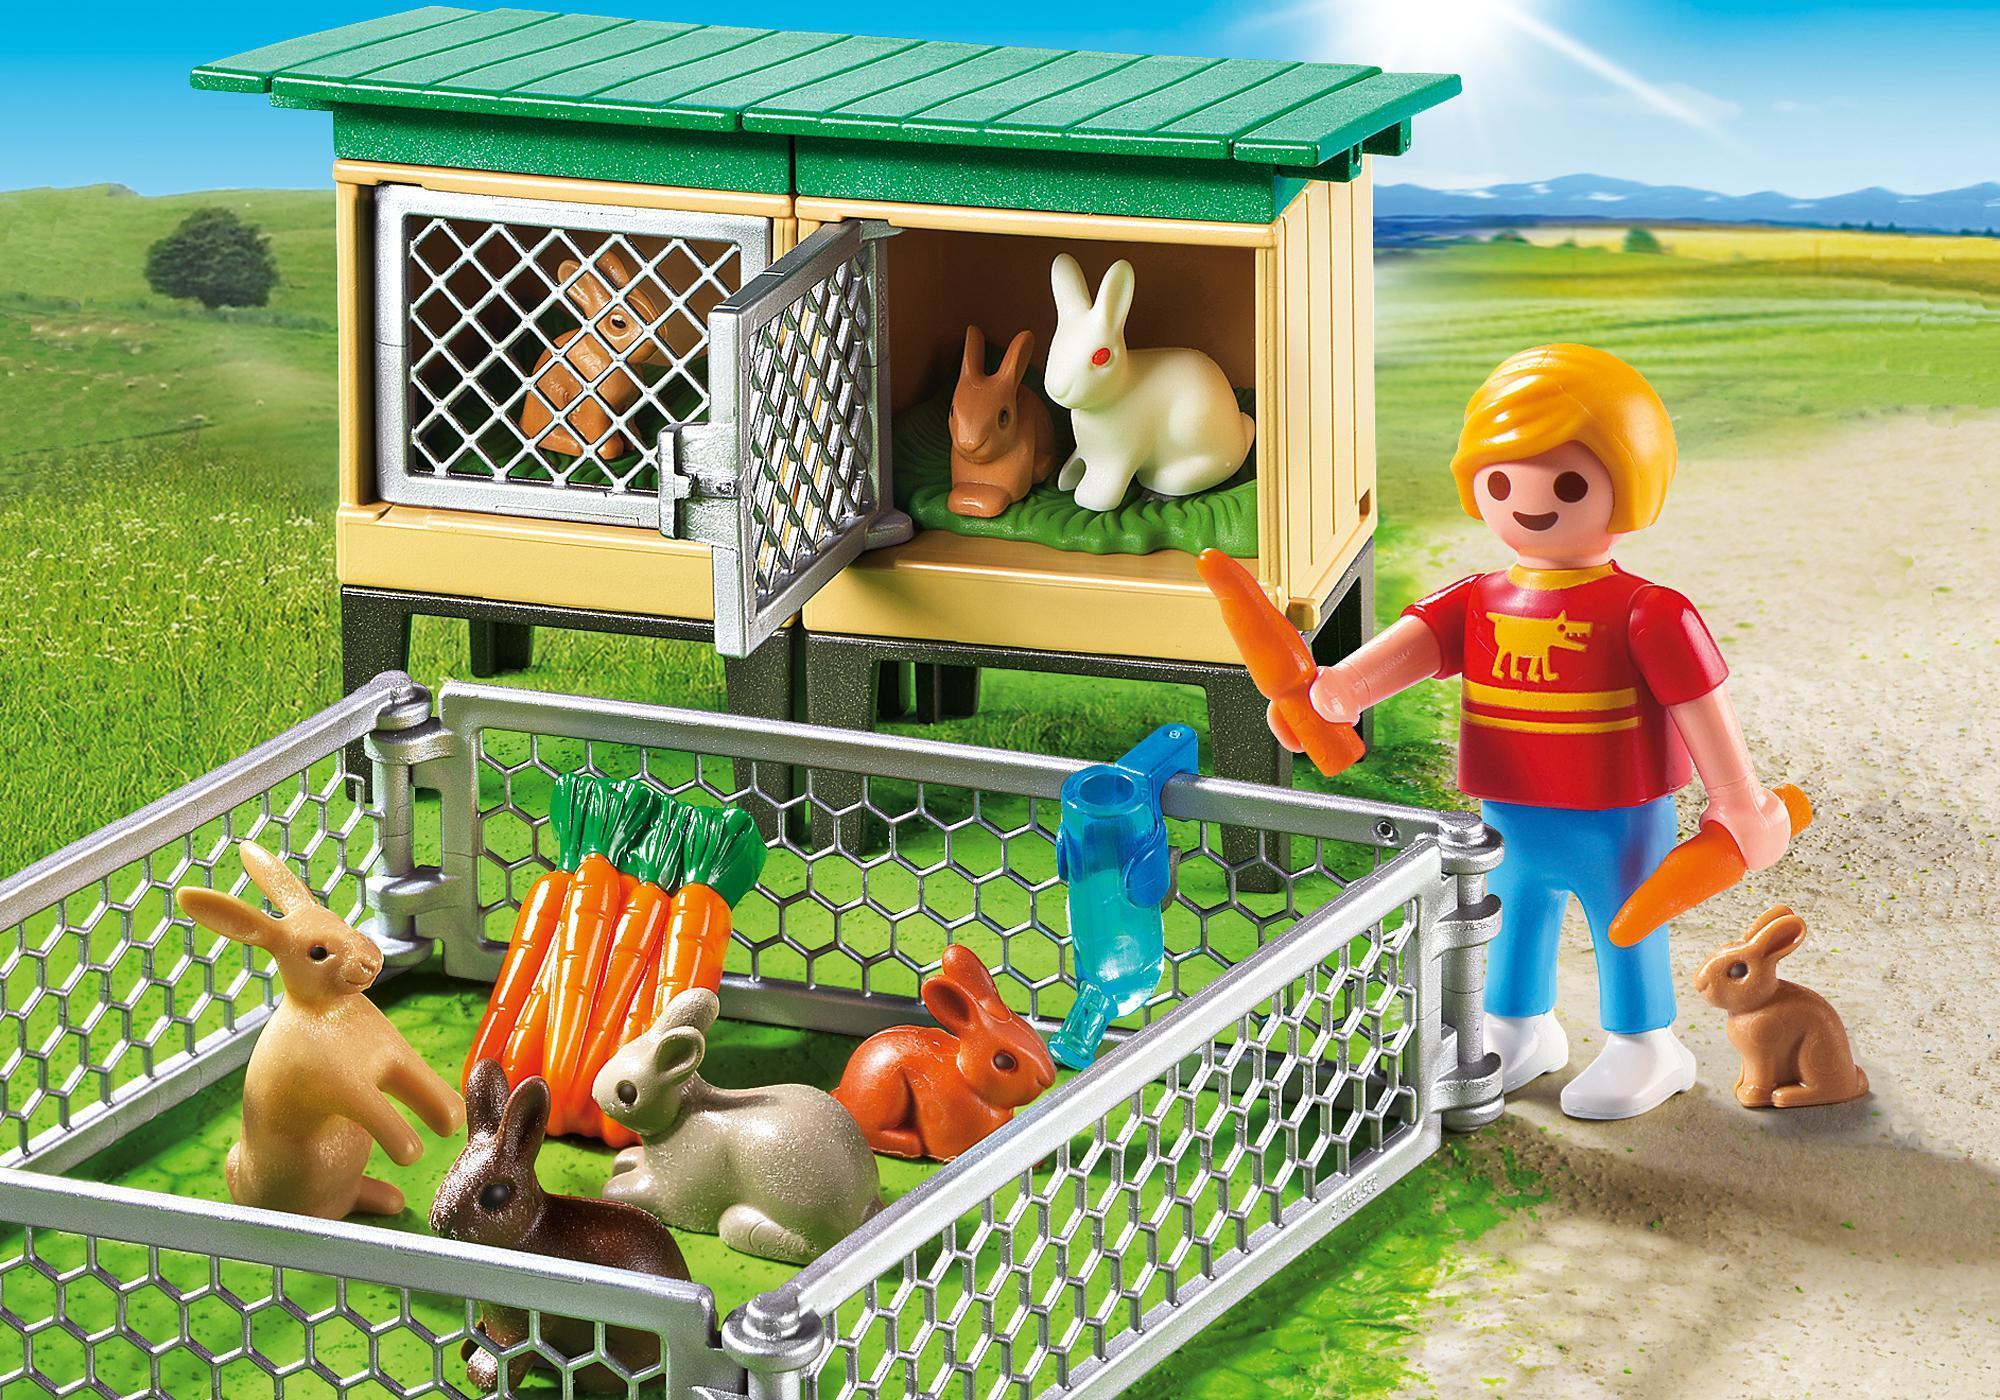 http://media.playmobil.com/i/playmobil/6140_product_detail/Enfant avec enclos à lapins et clapier